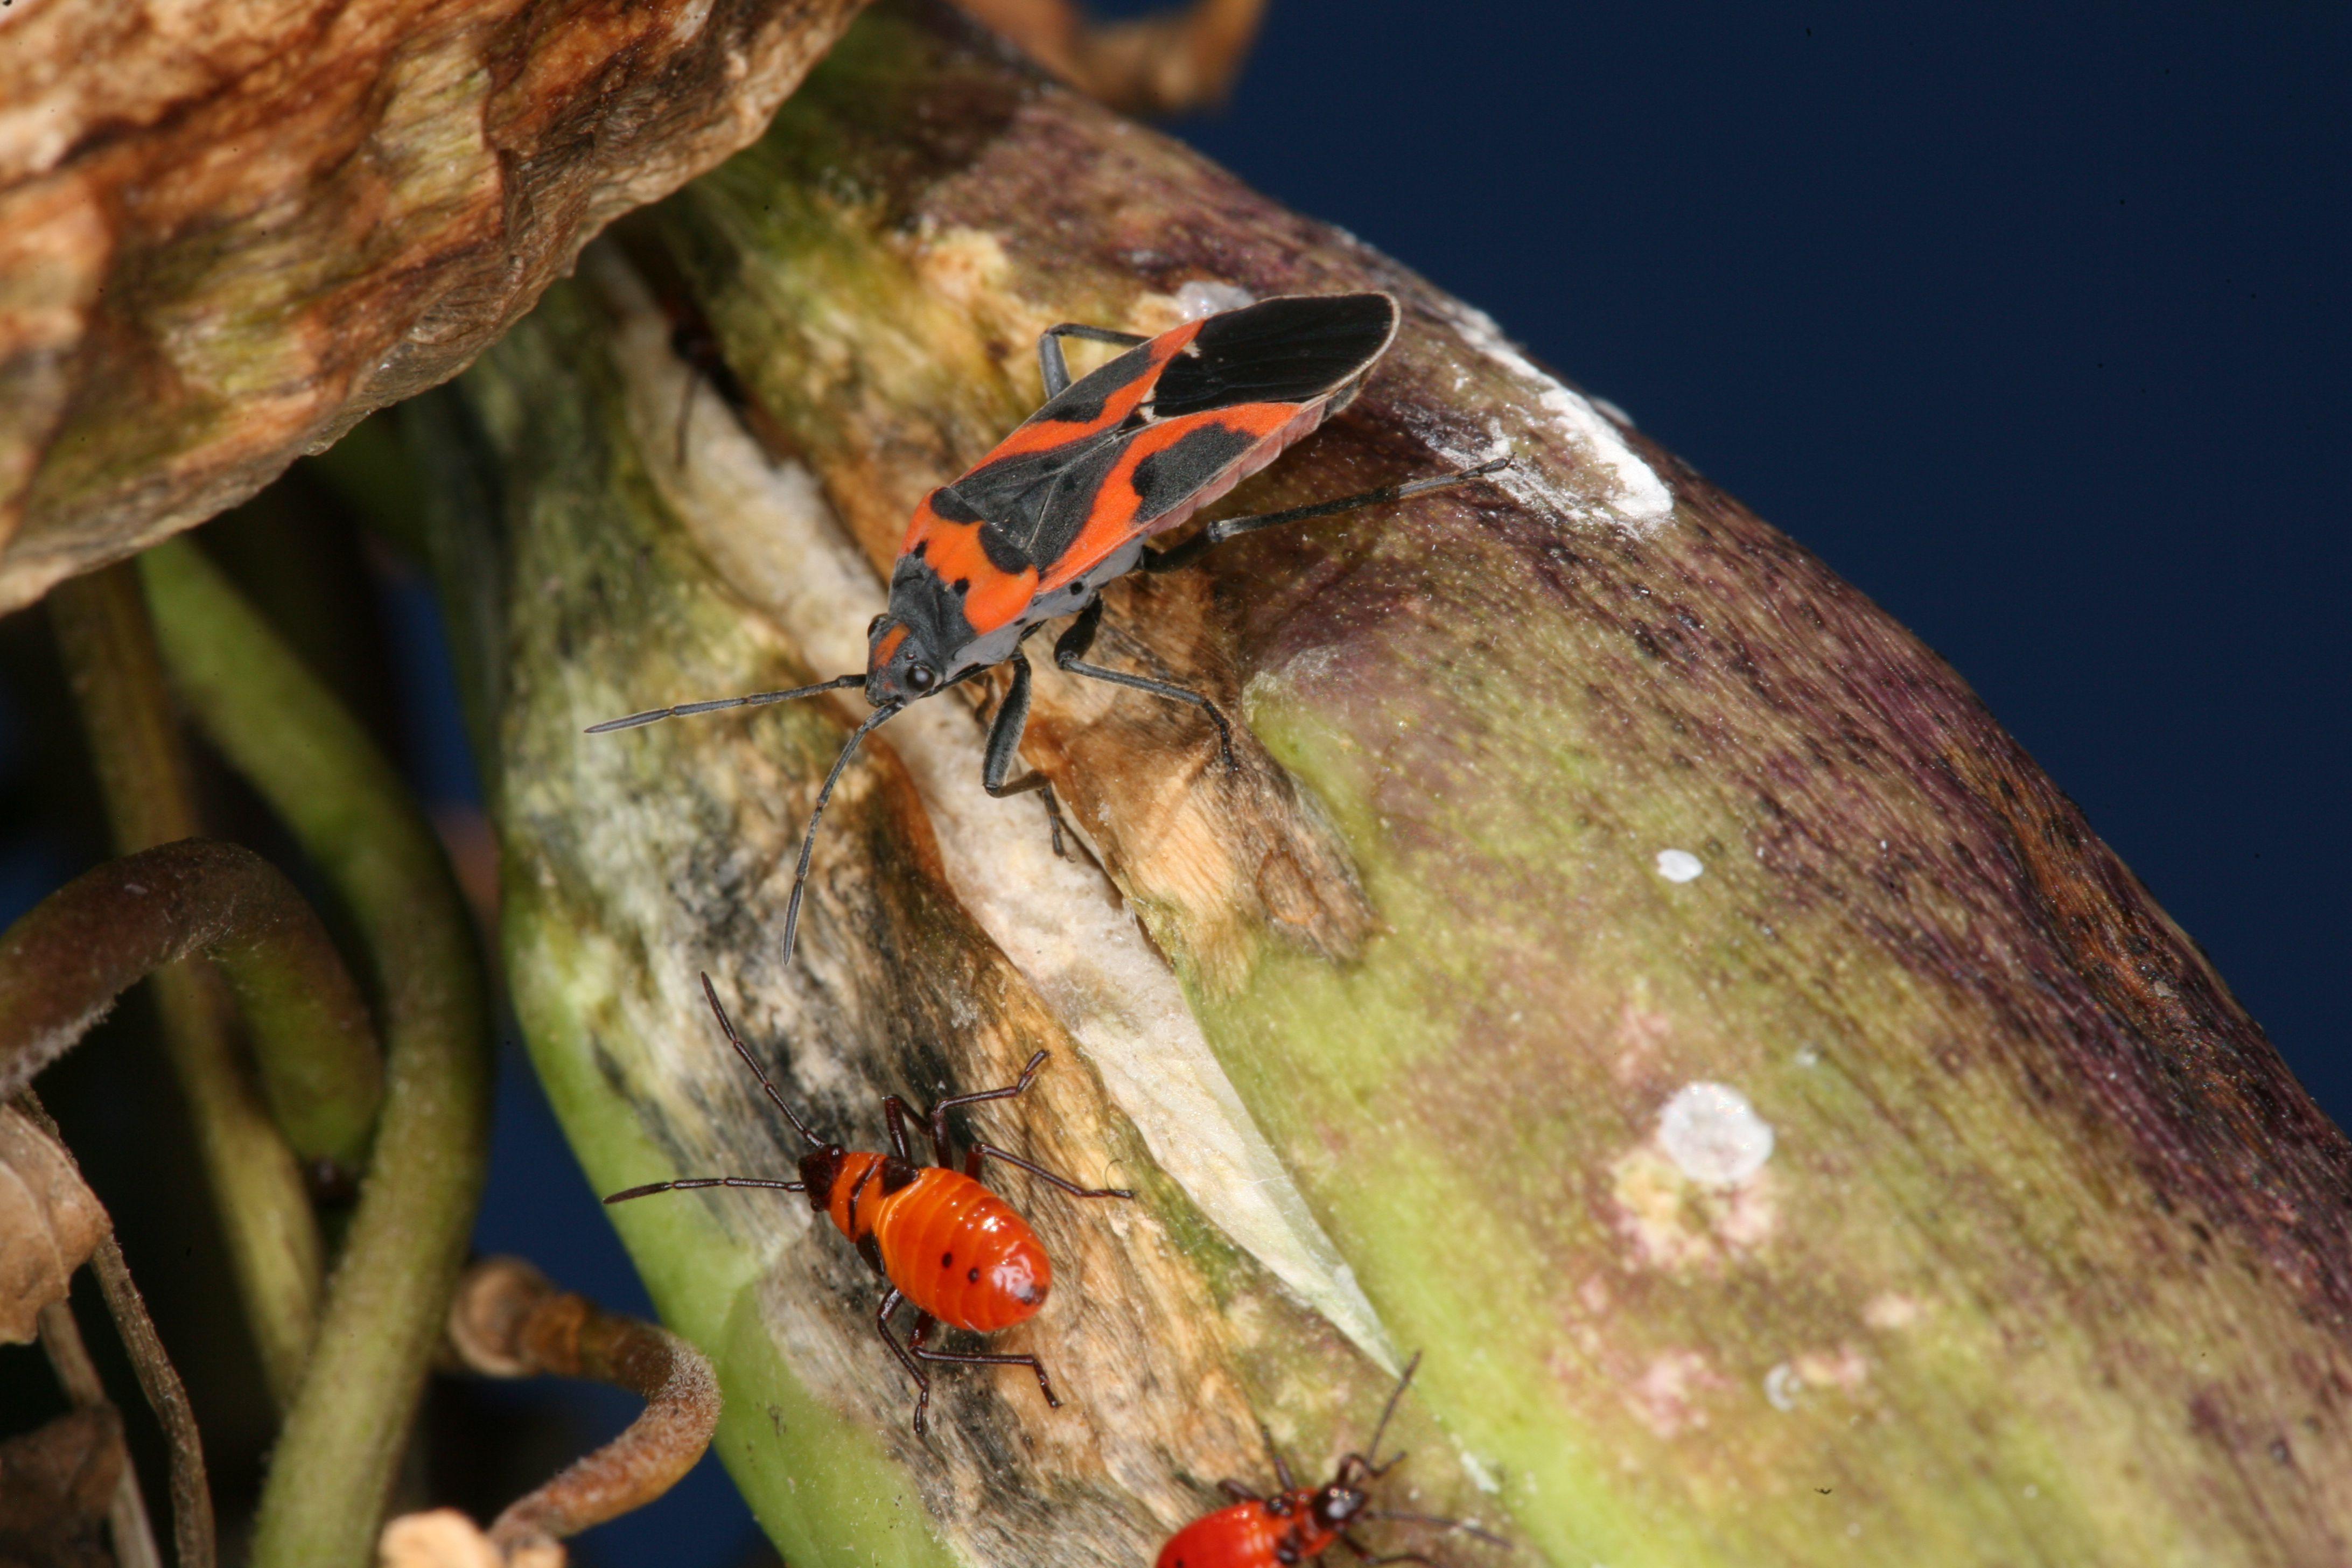 Small milkweed bug.